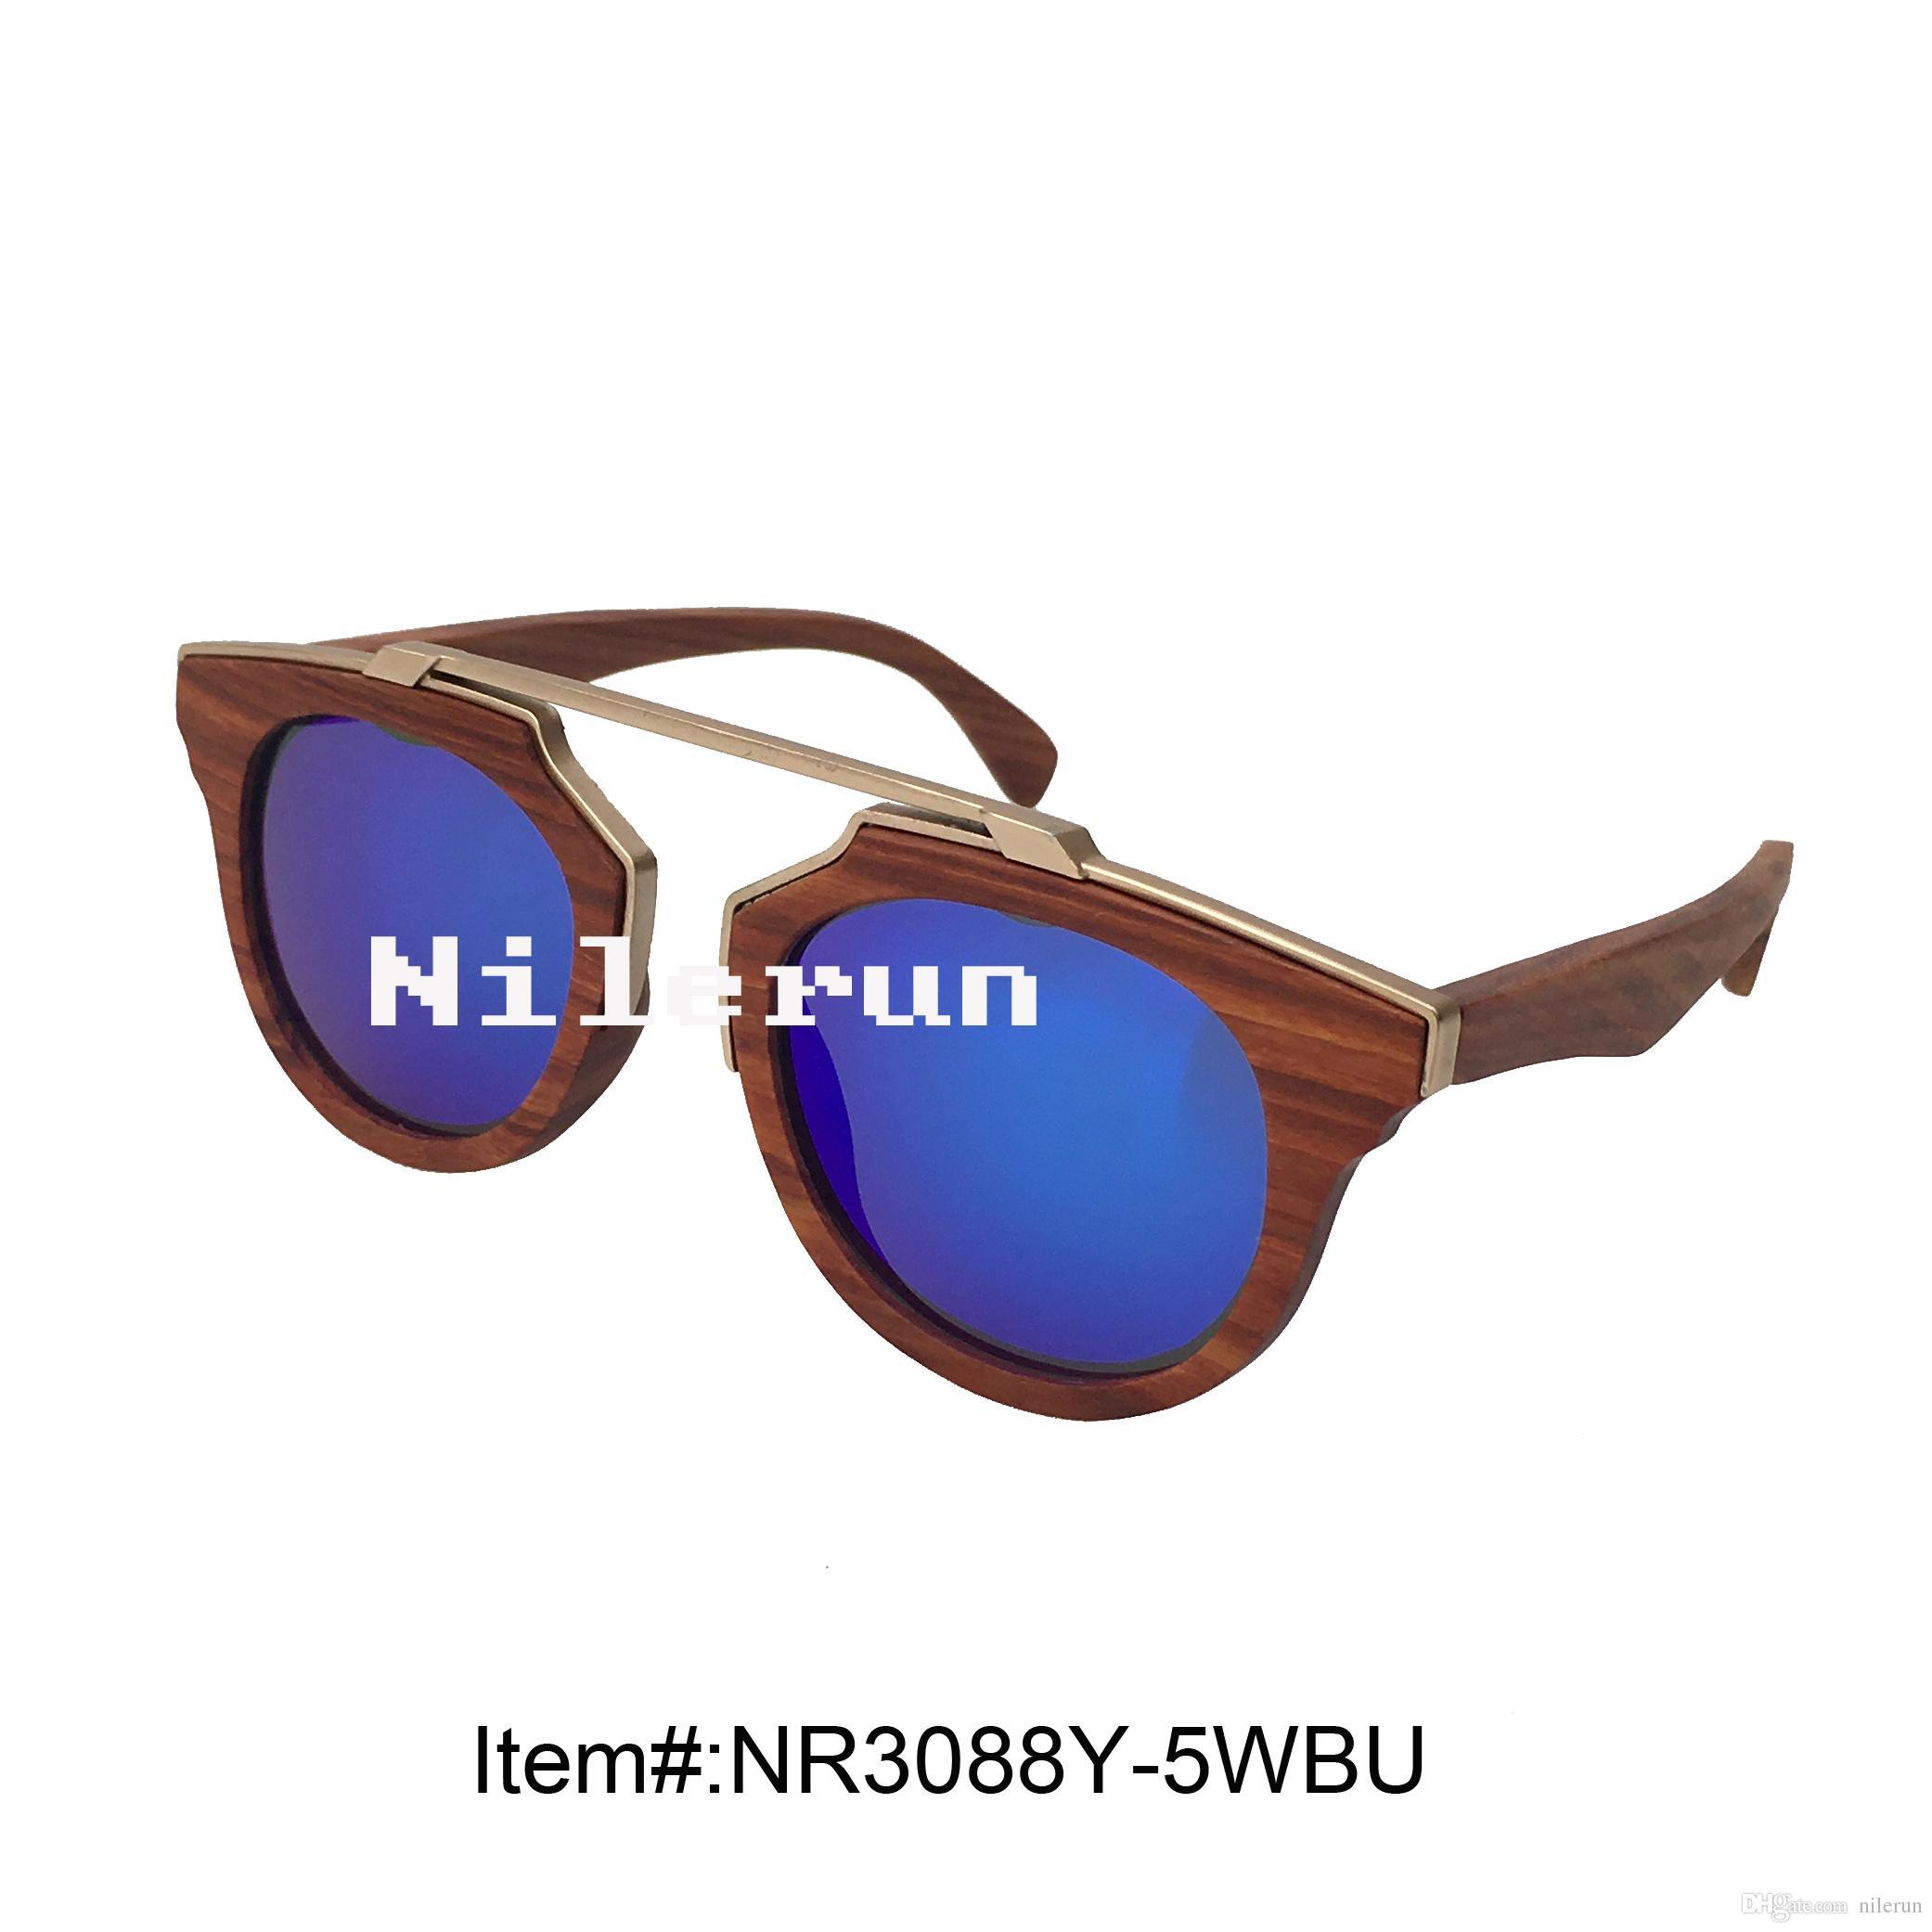 714ee6709f Compre Gran Forma Ovalada Espejo Azul Polarizado Lentes Mate De Oro Puente  De Metal Rojo Palisandro Gafas De Sol A $22.34 Del Nilerun | DHgate.Com